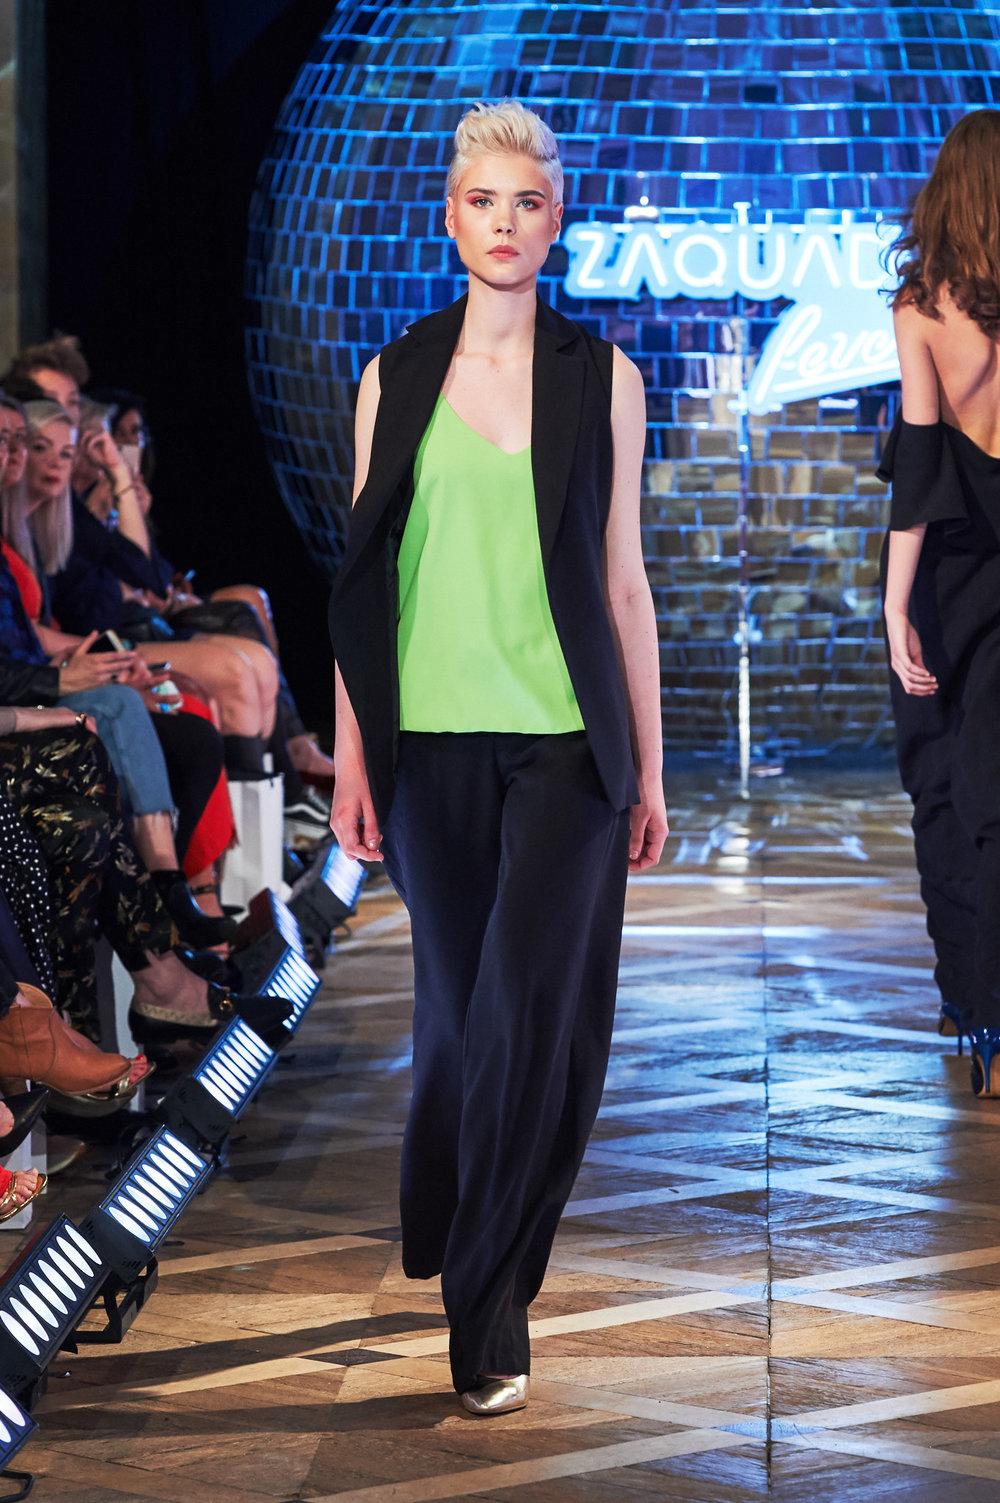 41_ZAQUAD_090519_lowres-fotFilipOkopny-FashionImages.jpg